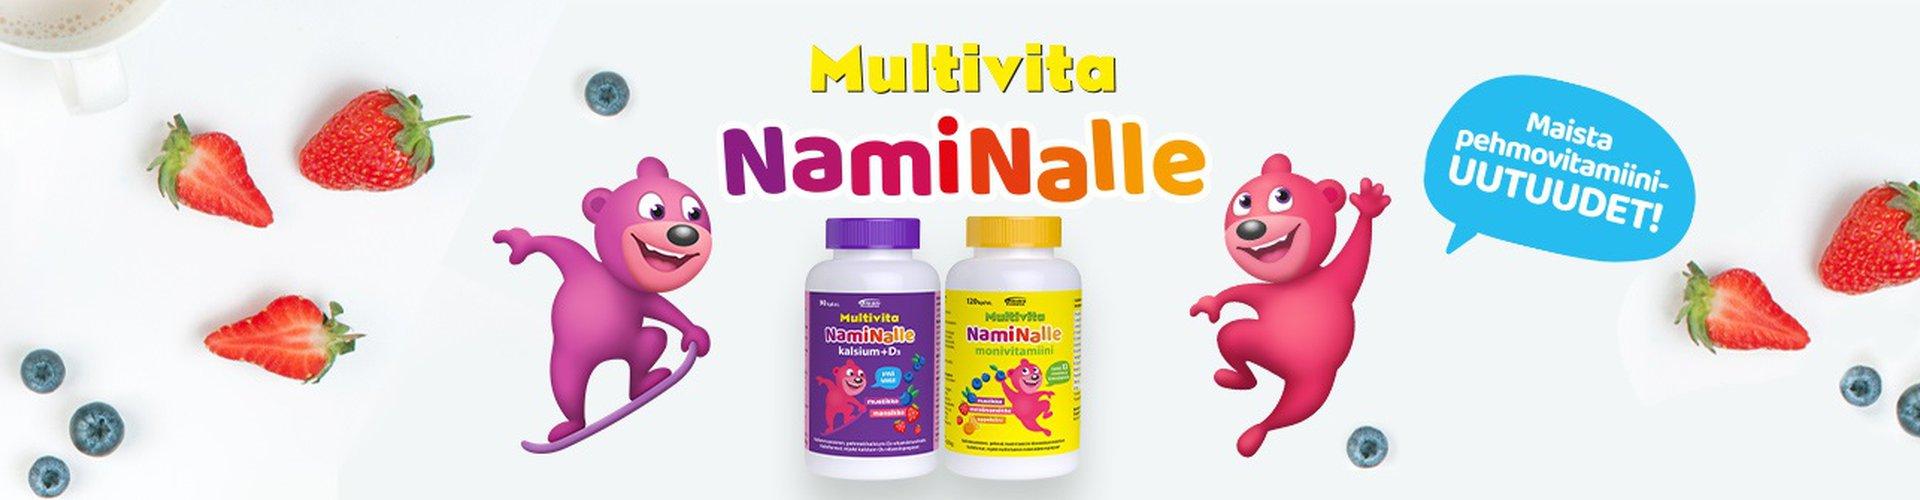 Lasten vitamiinivalmiste naminalle kuin nallekarkki